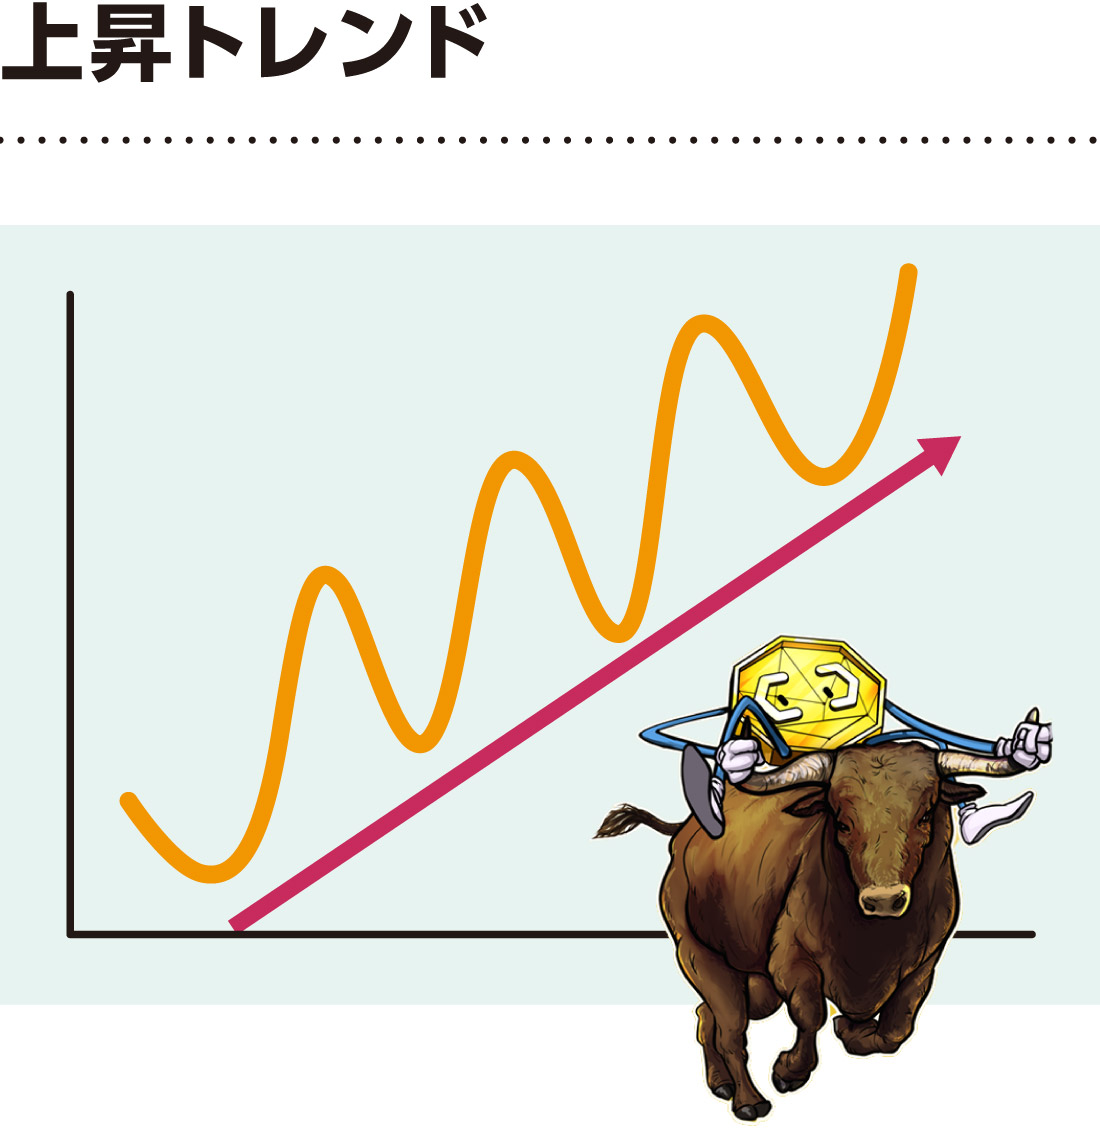 上昇トレンドの解説図